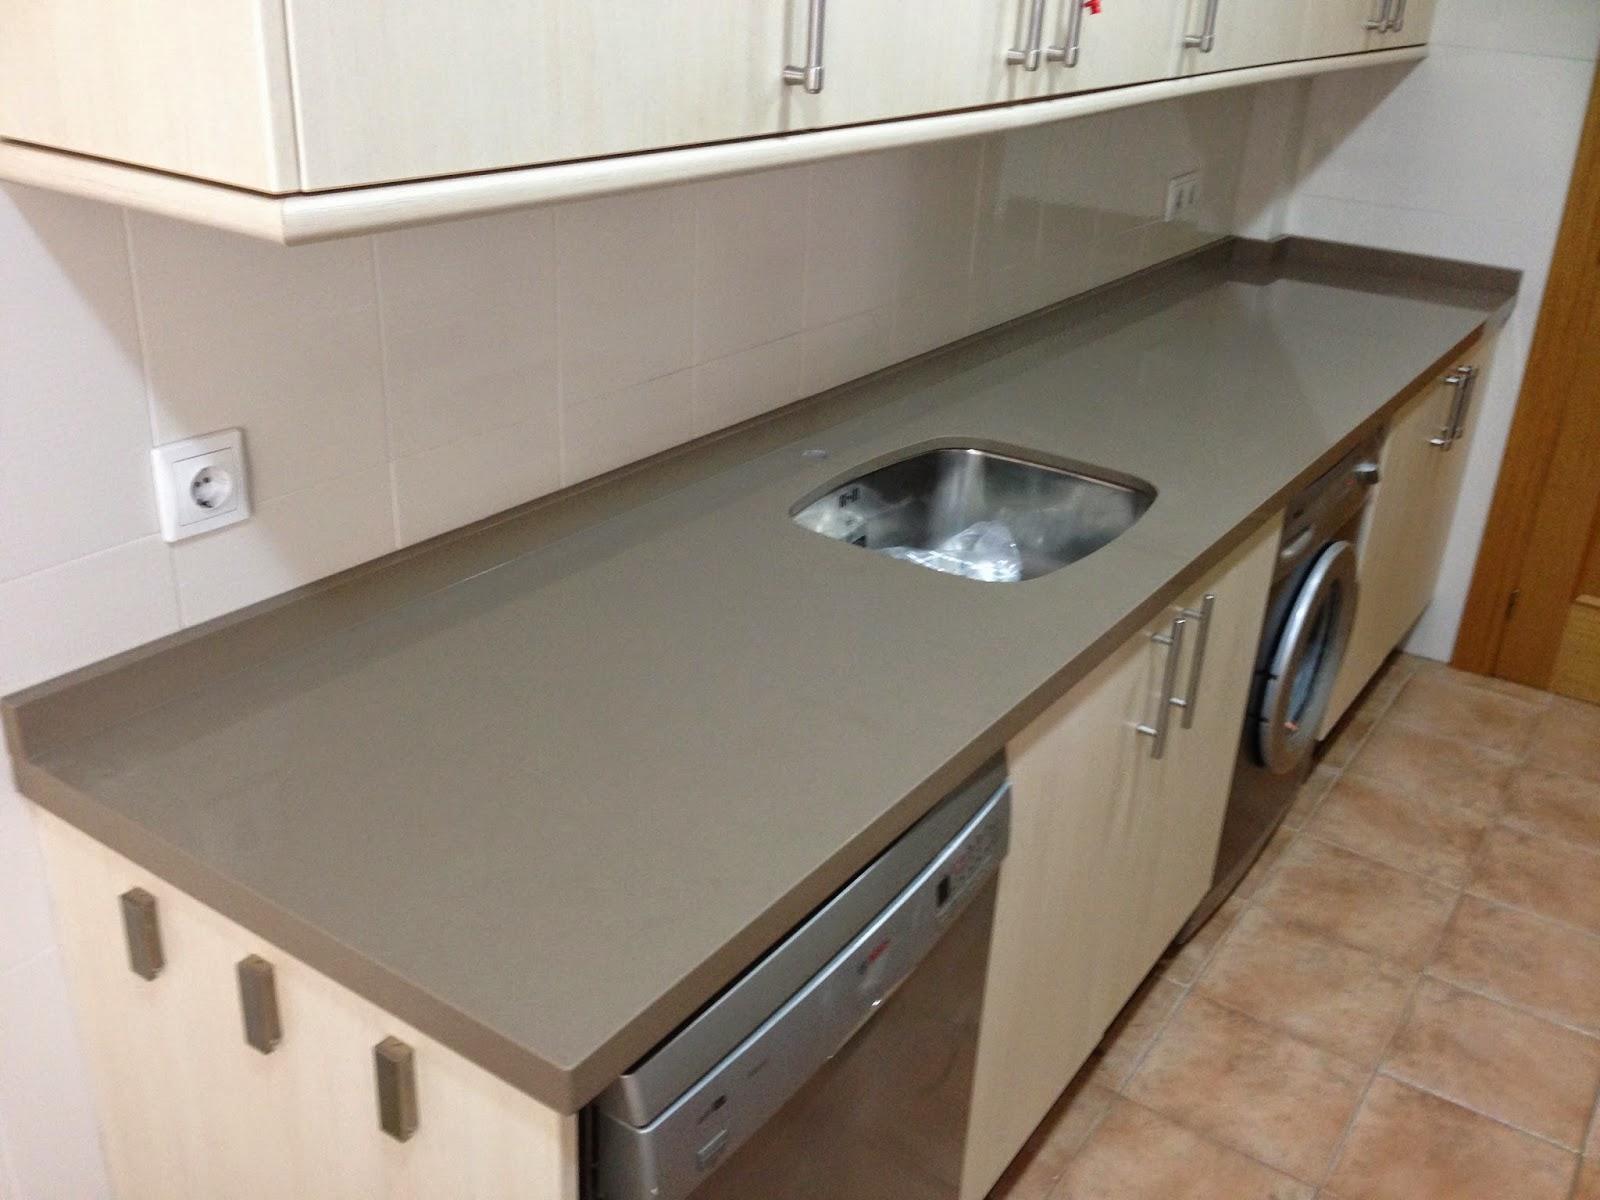 Encimeras de cocina trabajos en piedra decoraci n y for Encimeras de cocina